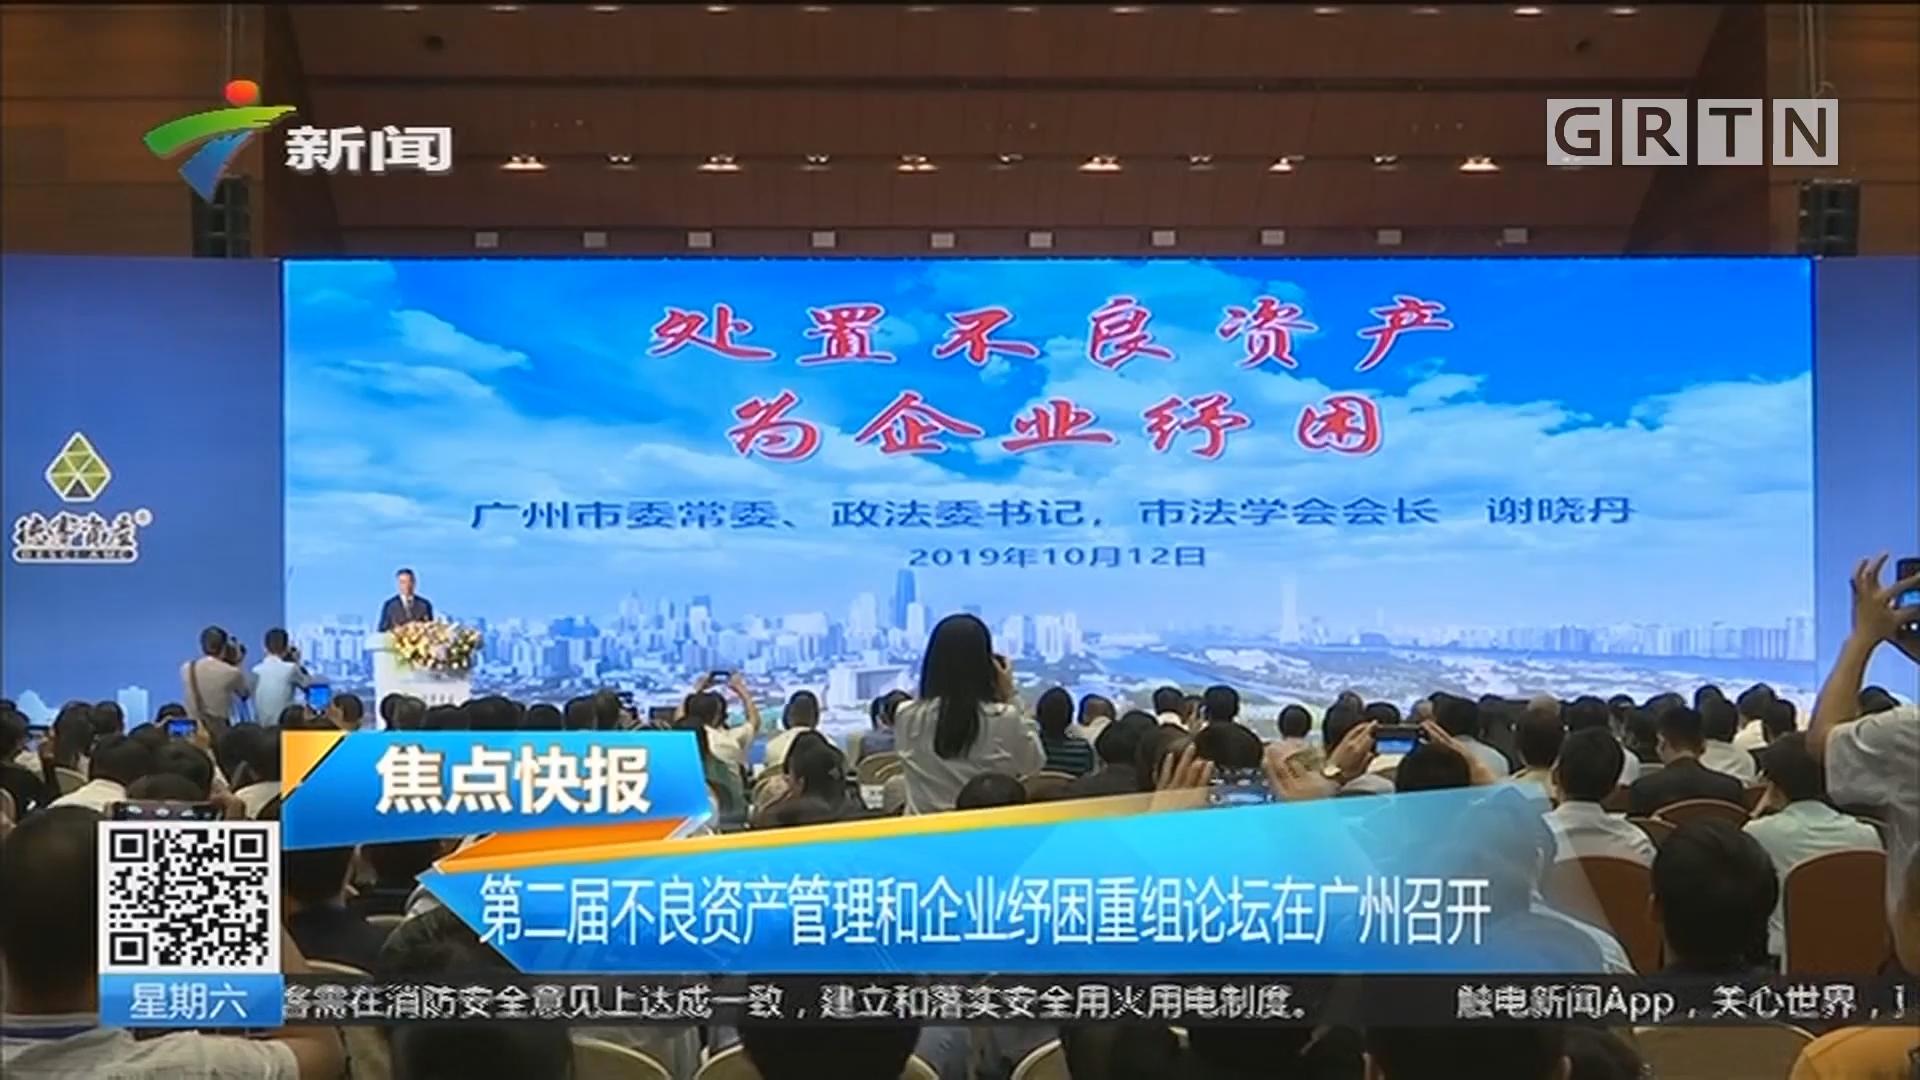 第二届不良资产管理和企业纾困重组论坛在广州召开